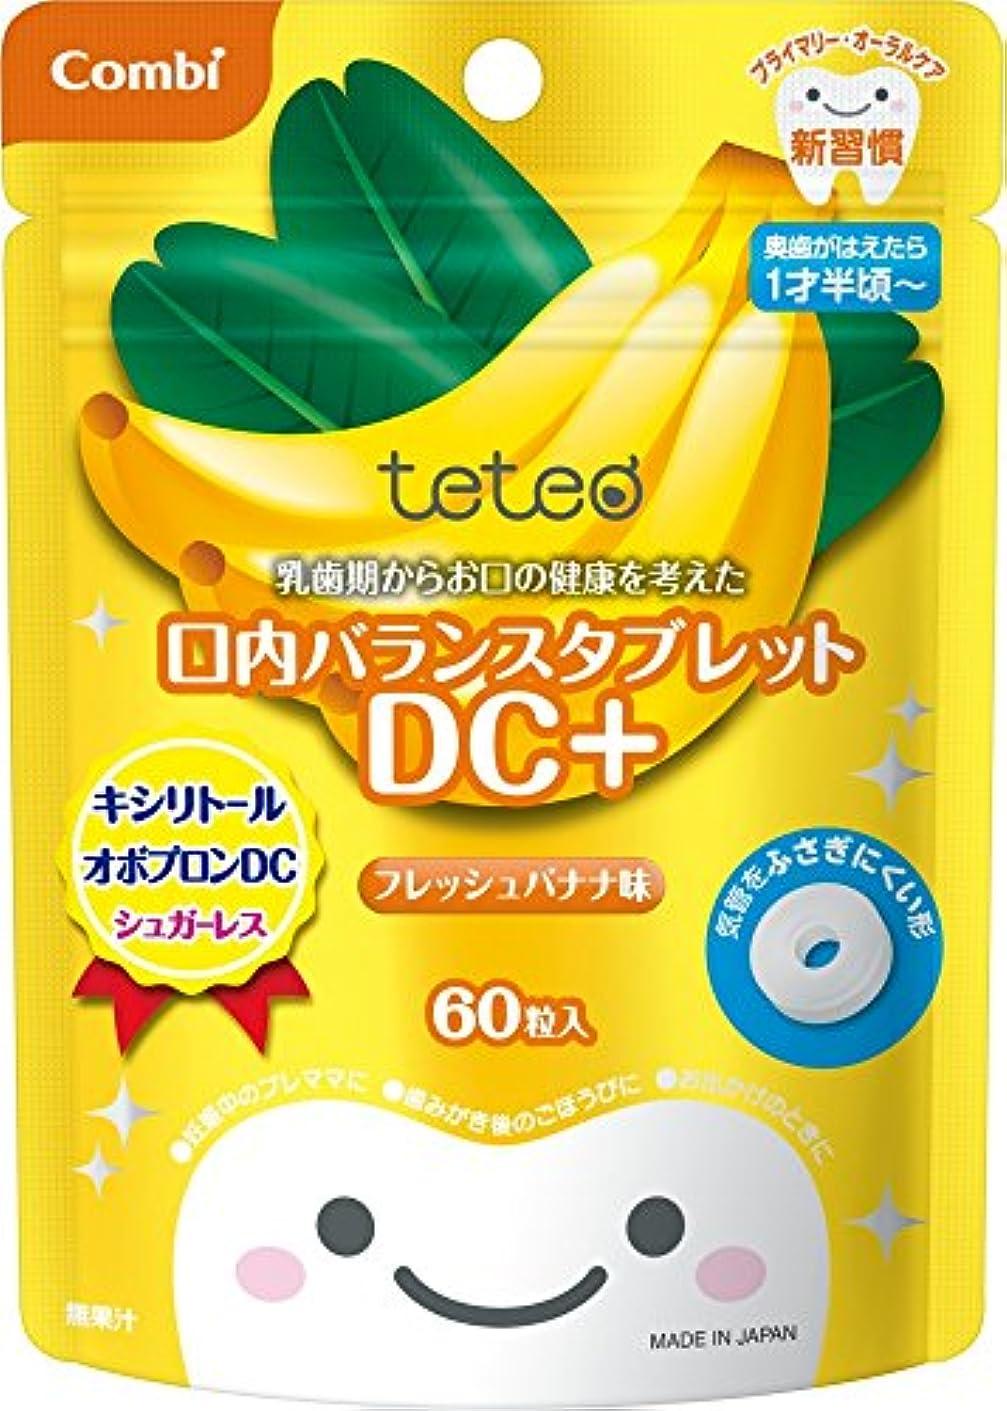 マルコポーロ驚現像コンビ テテオ 乳歯期からお口の健康を考えた口内バランスタブレット DC+ フレッシュバナナ味 60粒 【対象月齢:1才半頃~】